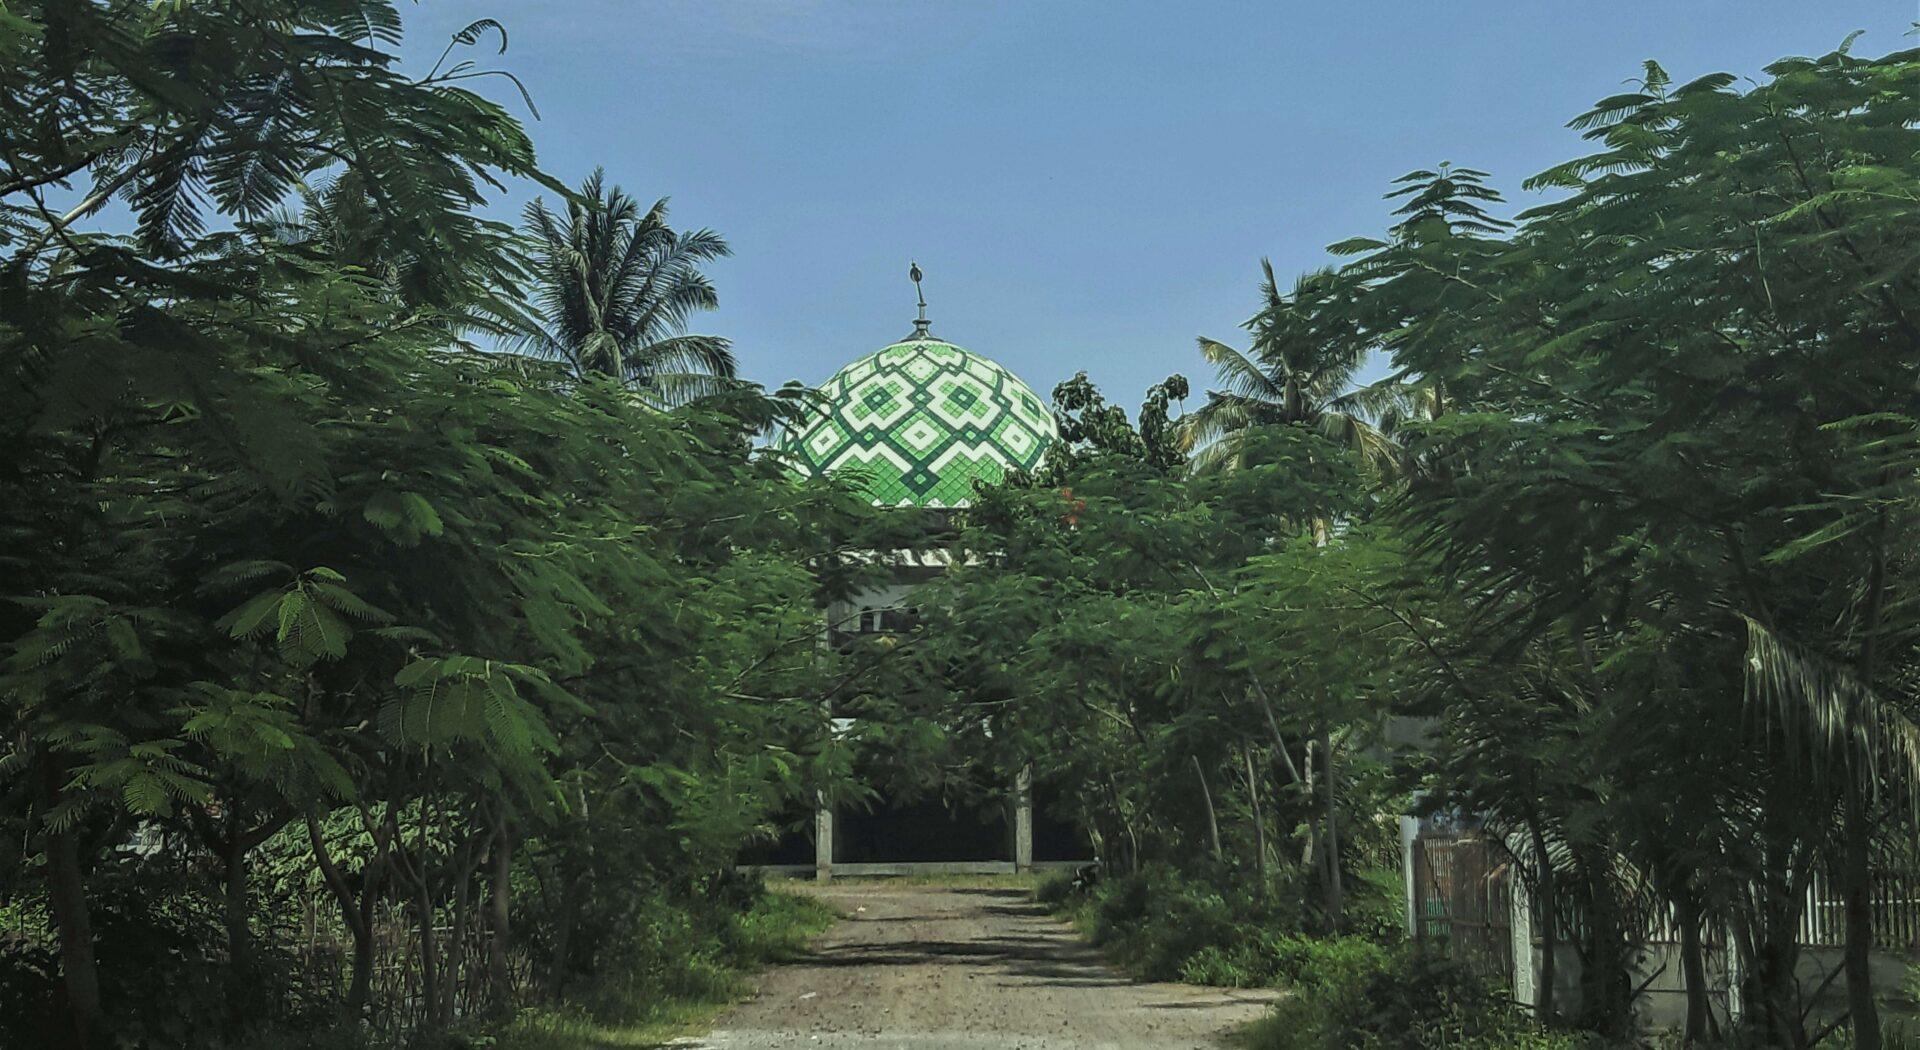 Tual var første møte med Østens religioner. Indonesia er det landet i verden med flest muslimer, og vi ble akkompagnert av høylytte moskebønner fra tidlig morgengry til sen kveld